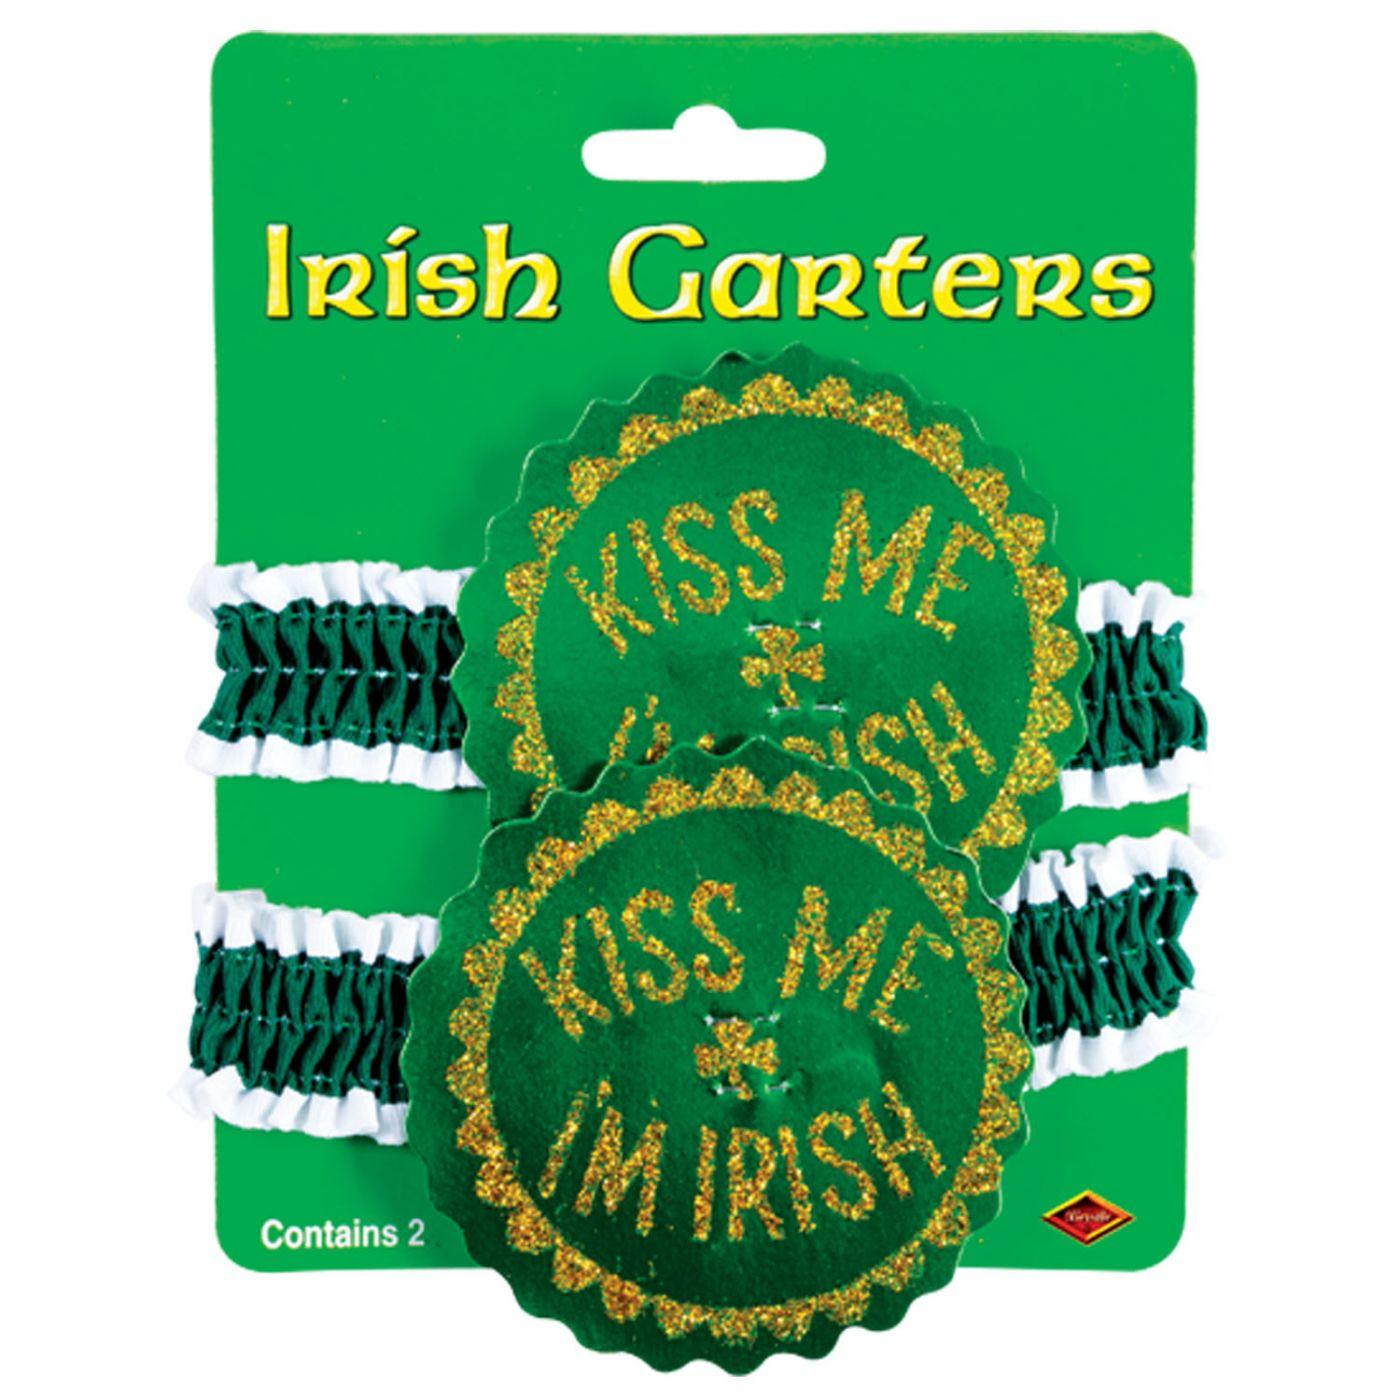 Irish Garters (24) image